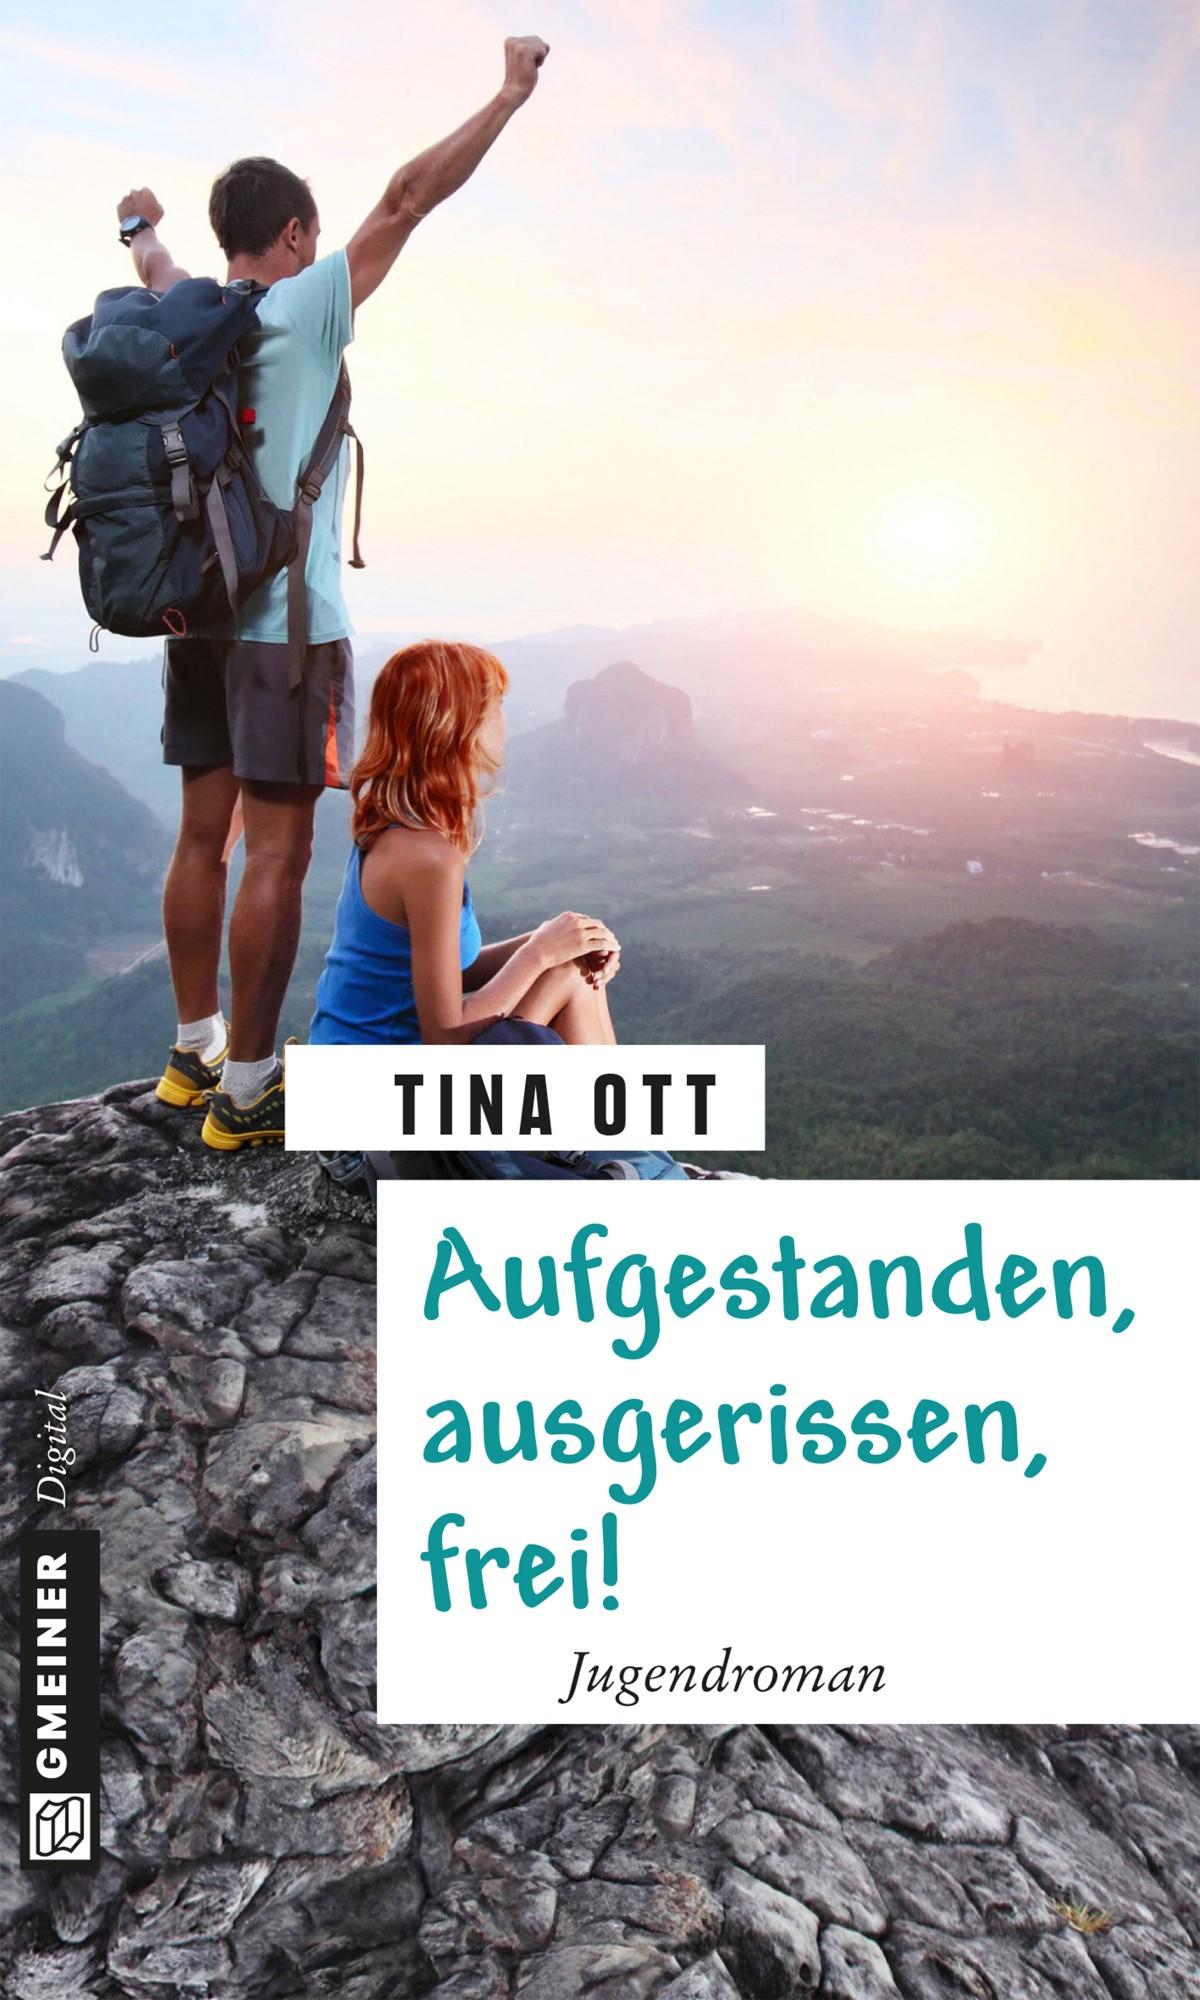 Quoka.de berlin sie sucht ihn